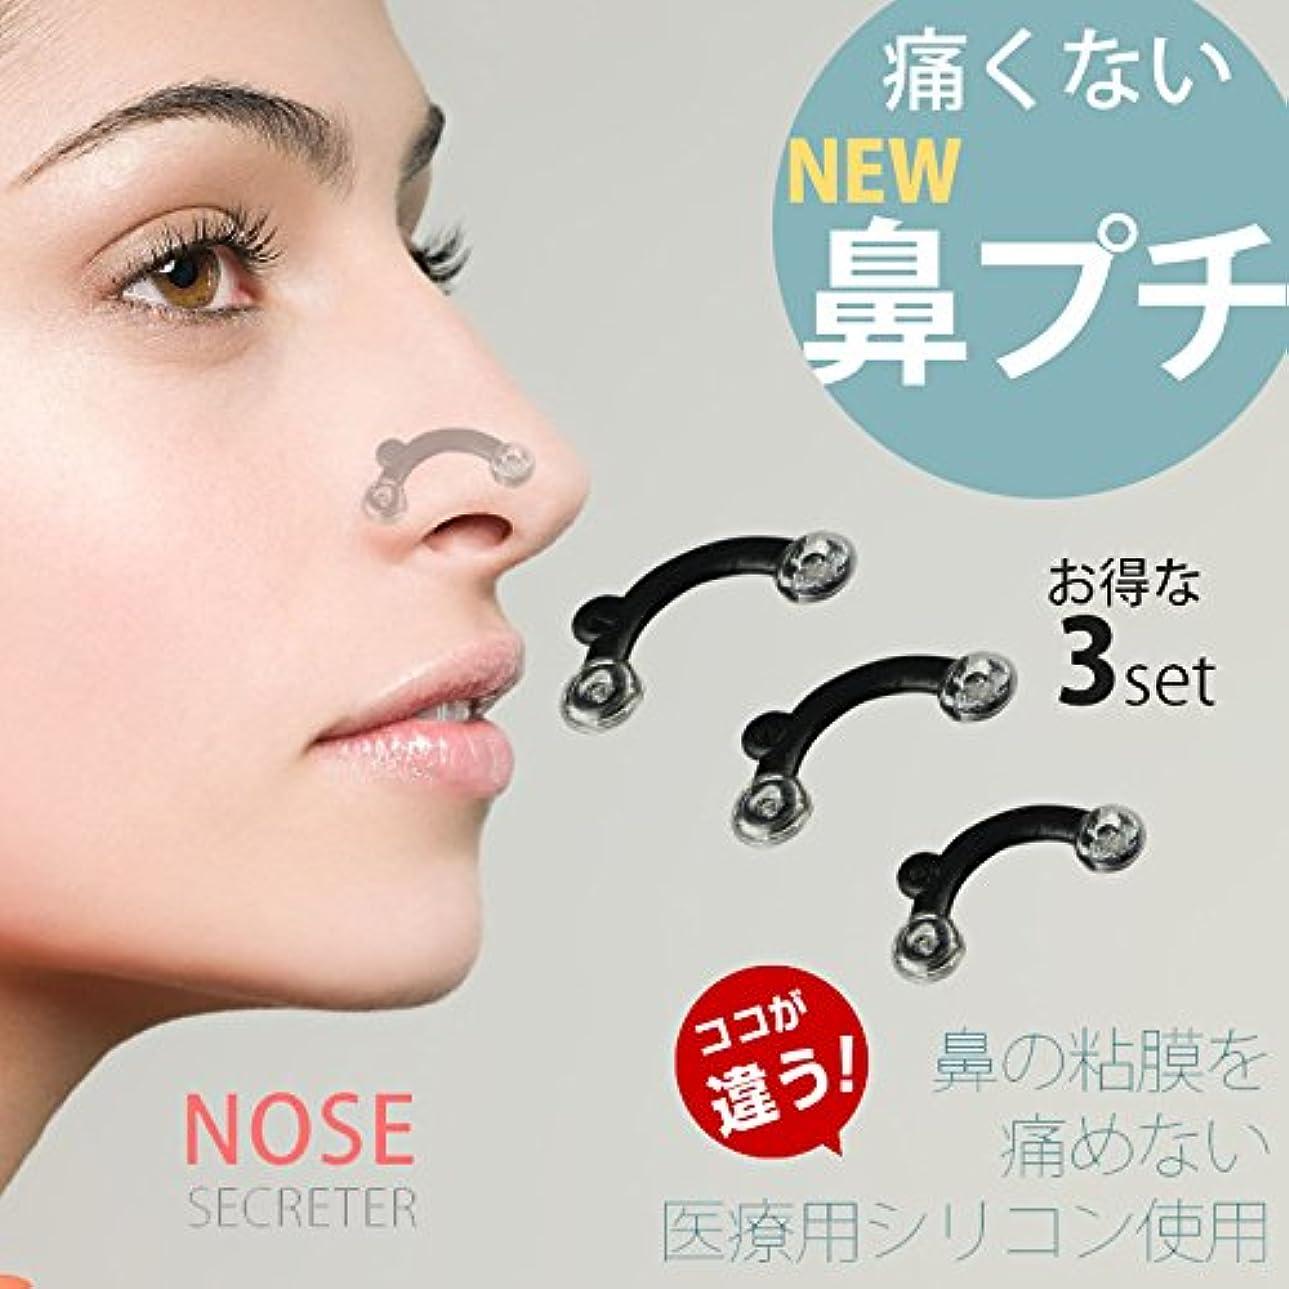 必要条件ジョージハンブリーシロクマOUSENEI 鼻プチ 矯正プチ 美鼻 整形せず 医療用シリコン製 柔らかい 痛くない ハナのアイプチ 24.5mm/25.5mm/27mm 全3サイズ 3点セット (ブラック)